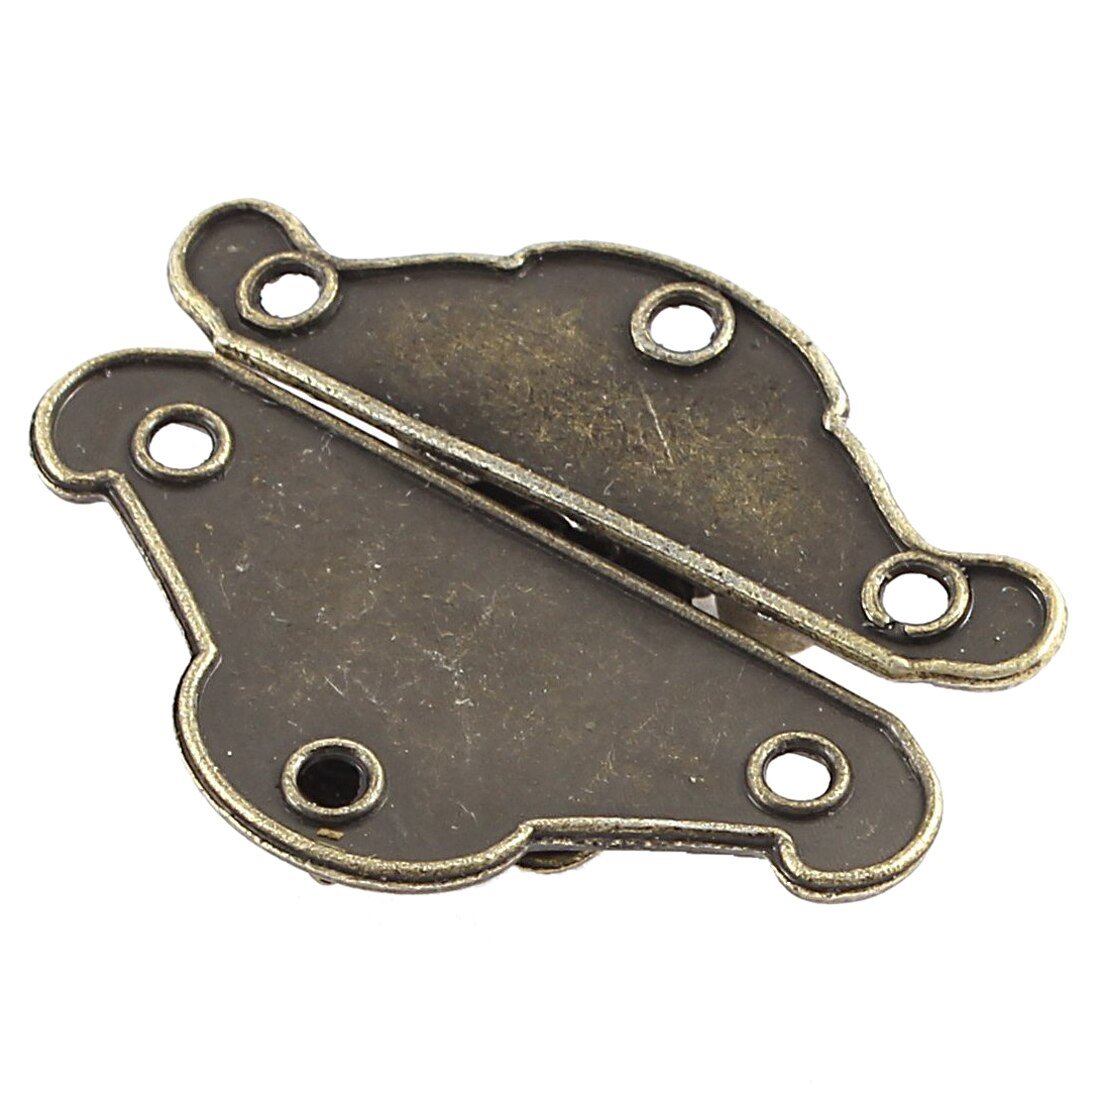 [해외]HHTL - 37mmx27mm 복고풍 스타일 박스 캐비닛 훅 잠금 장치 뚜껑 10pcs/HHTL-37mmx27mm Retro Style Box Cabinet Hook Lock Lid Latch 10pcs